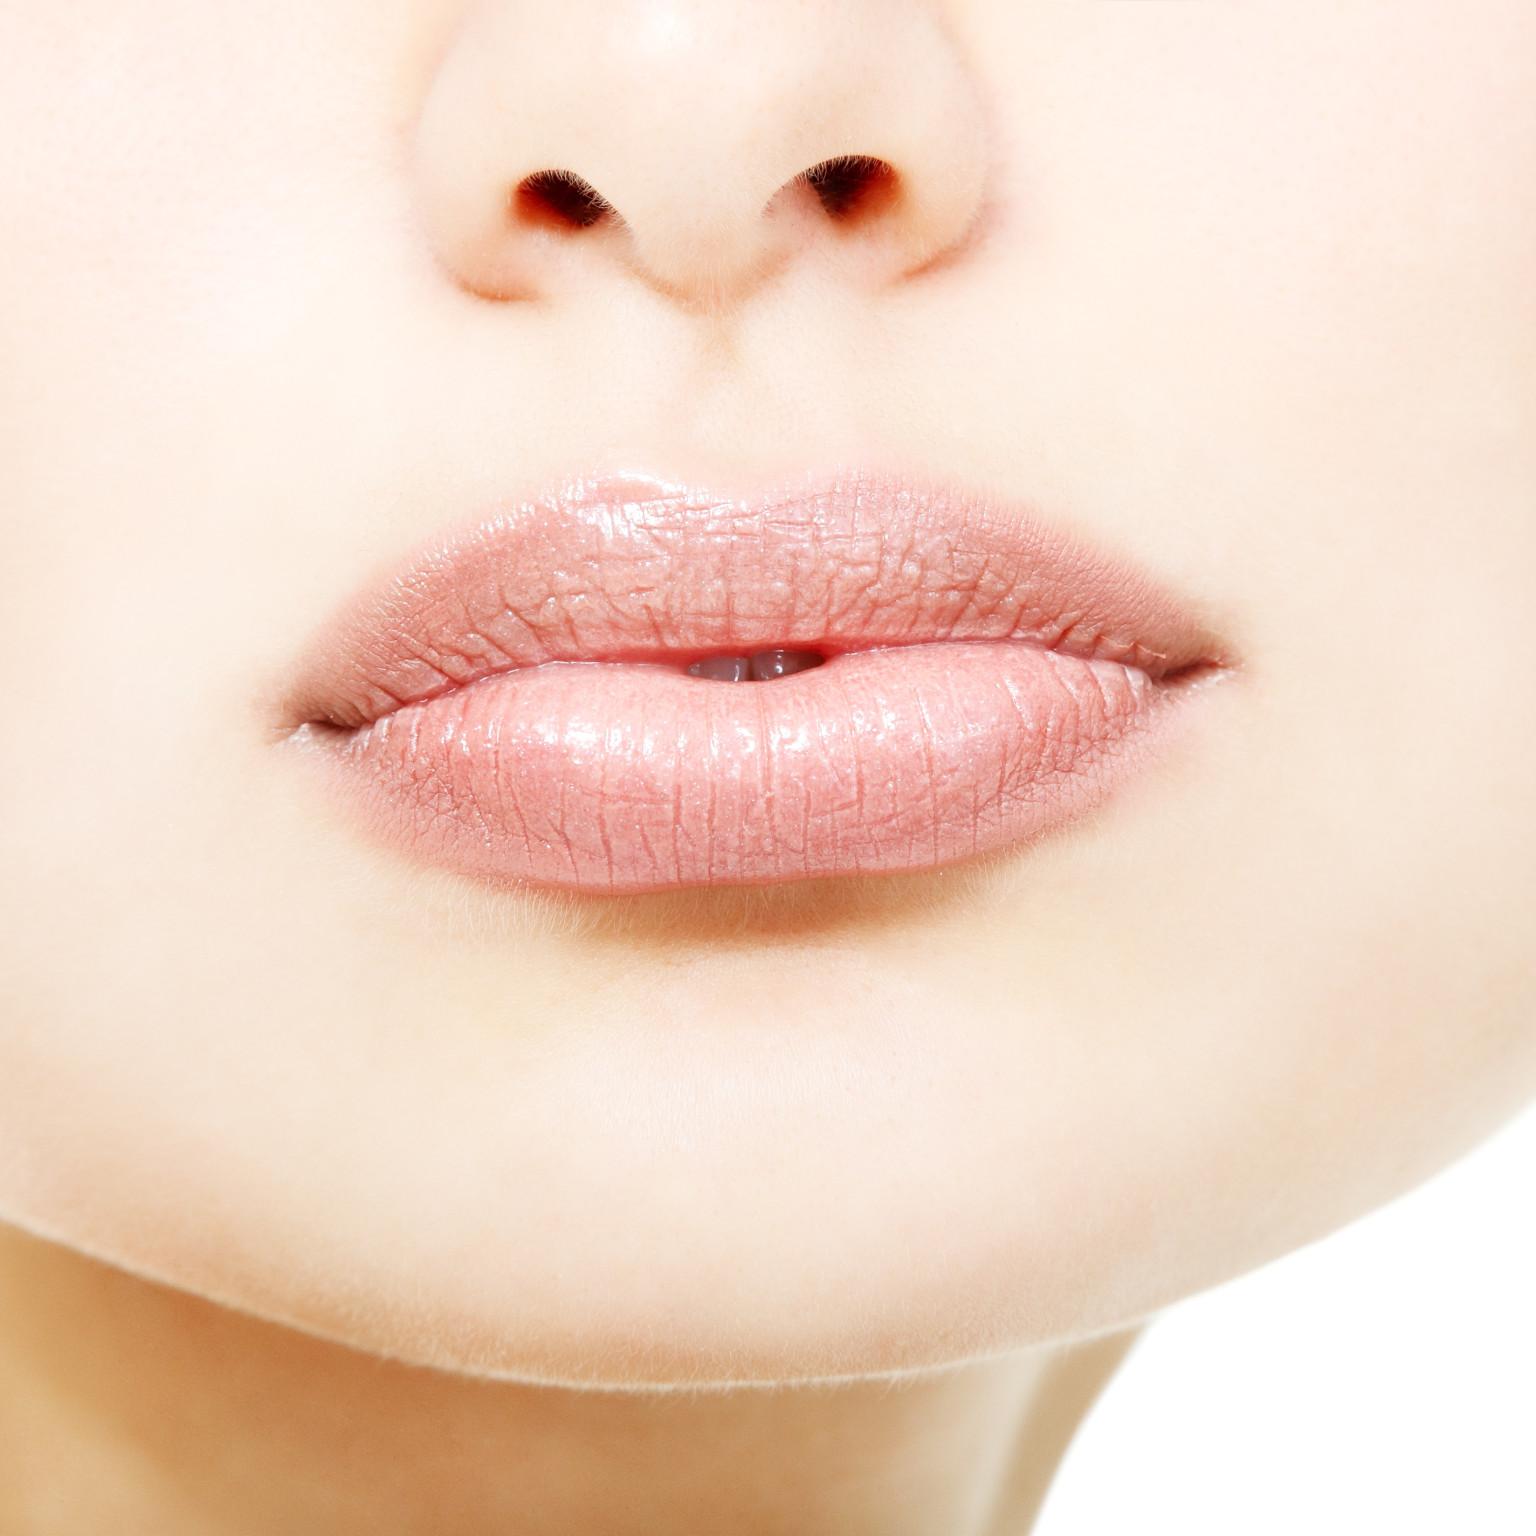 Самые красивые женские губы фото